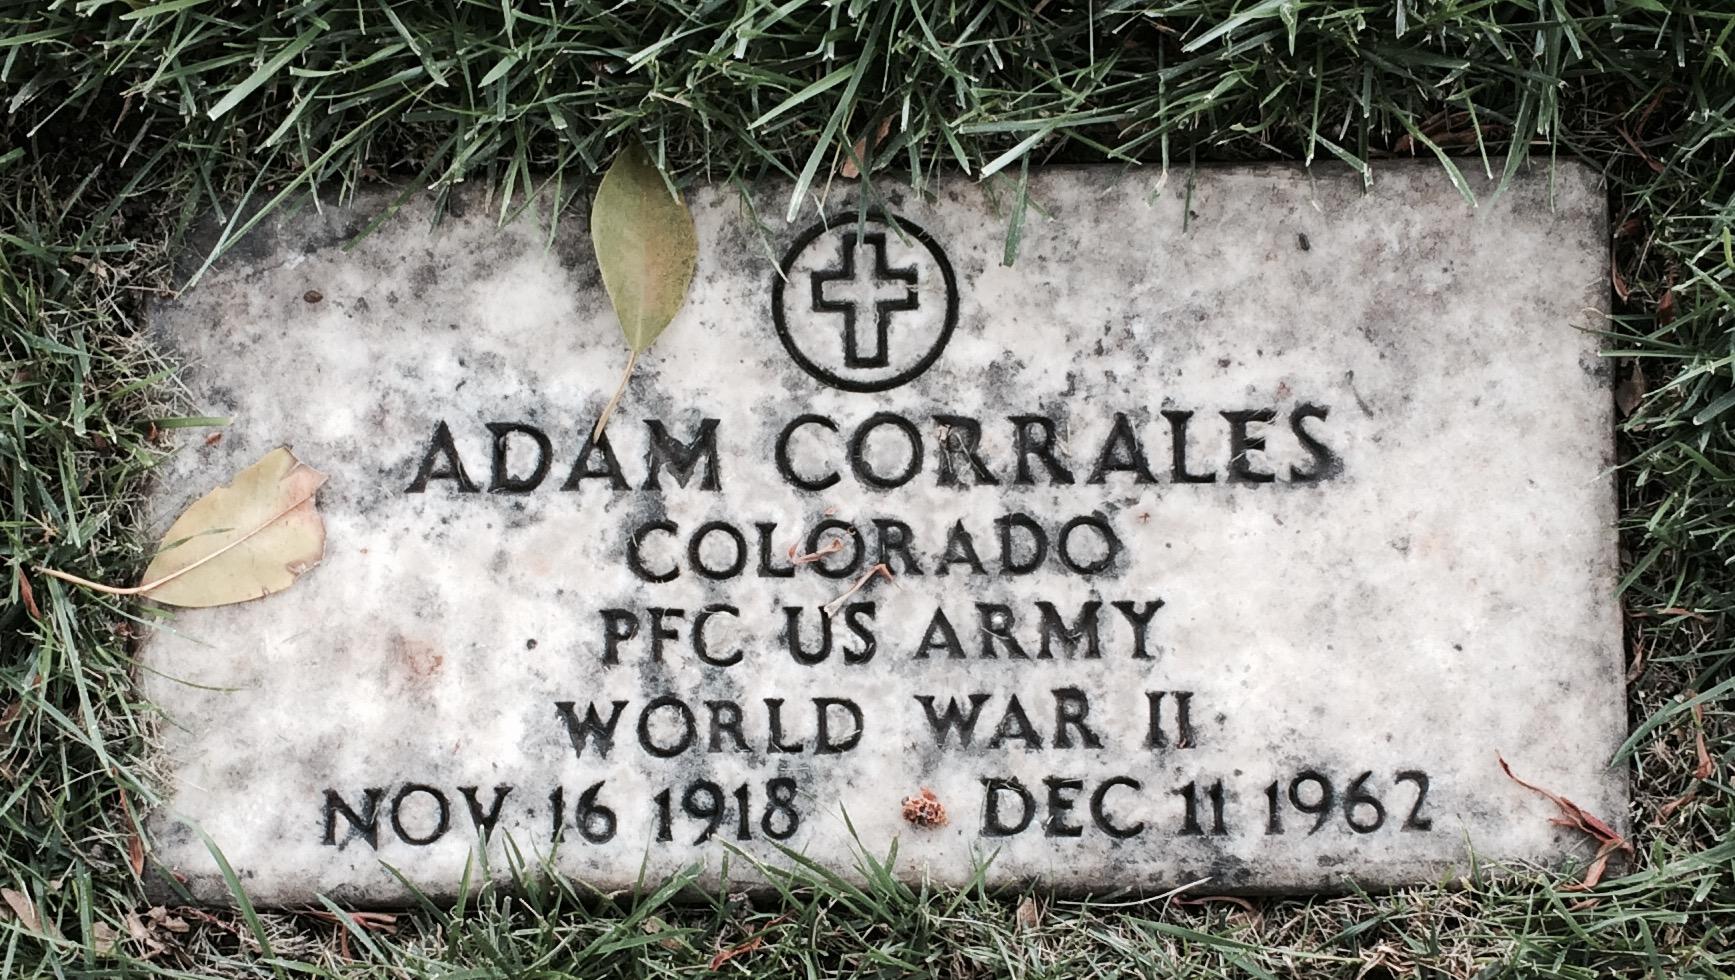 Adam Corrales